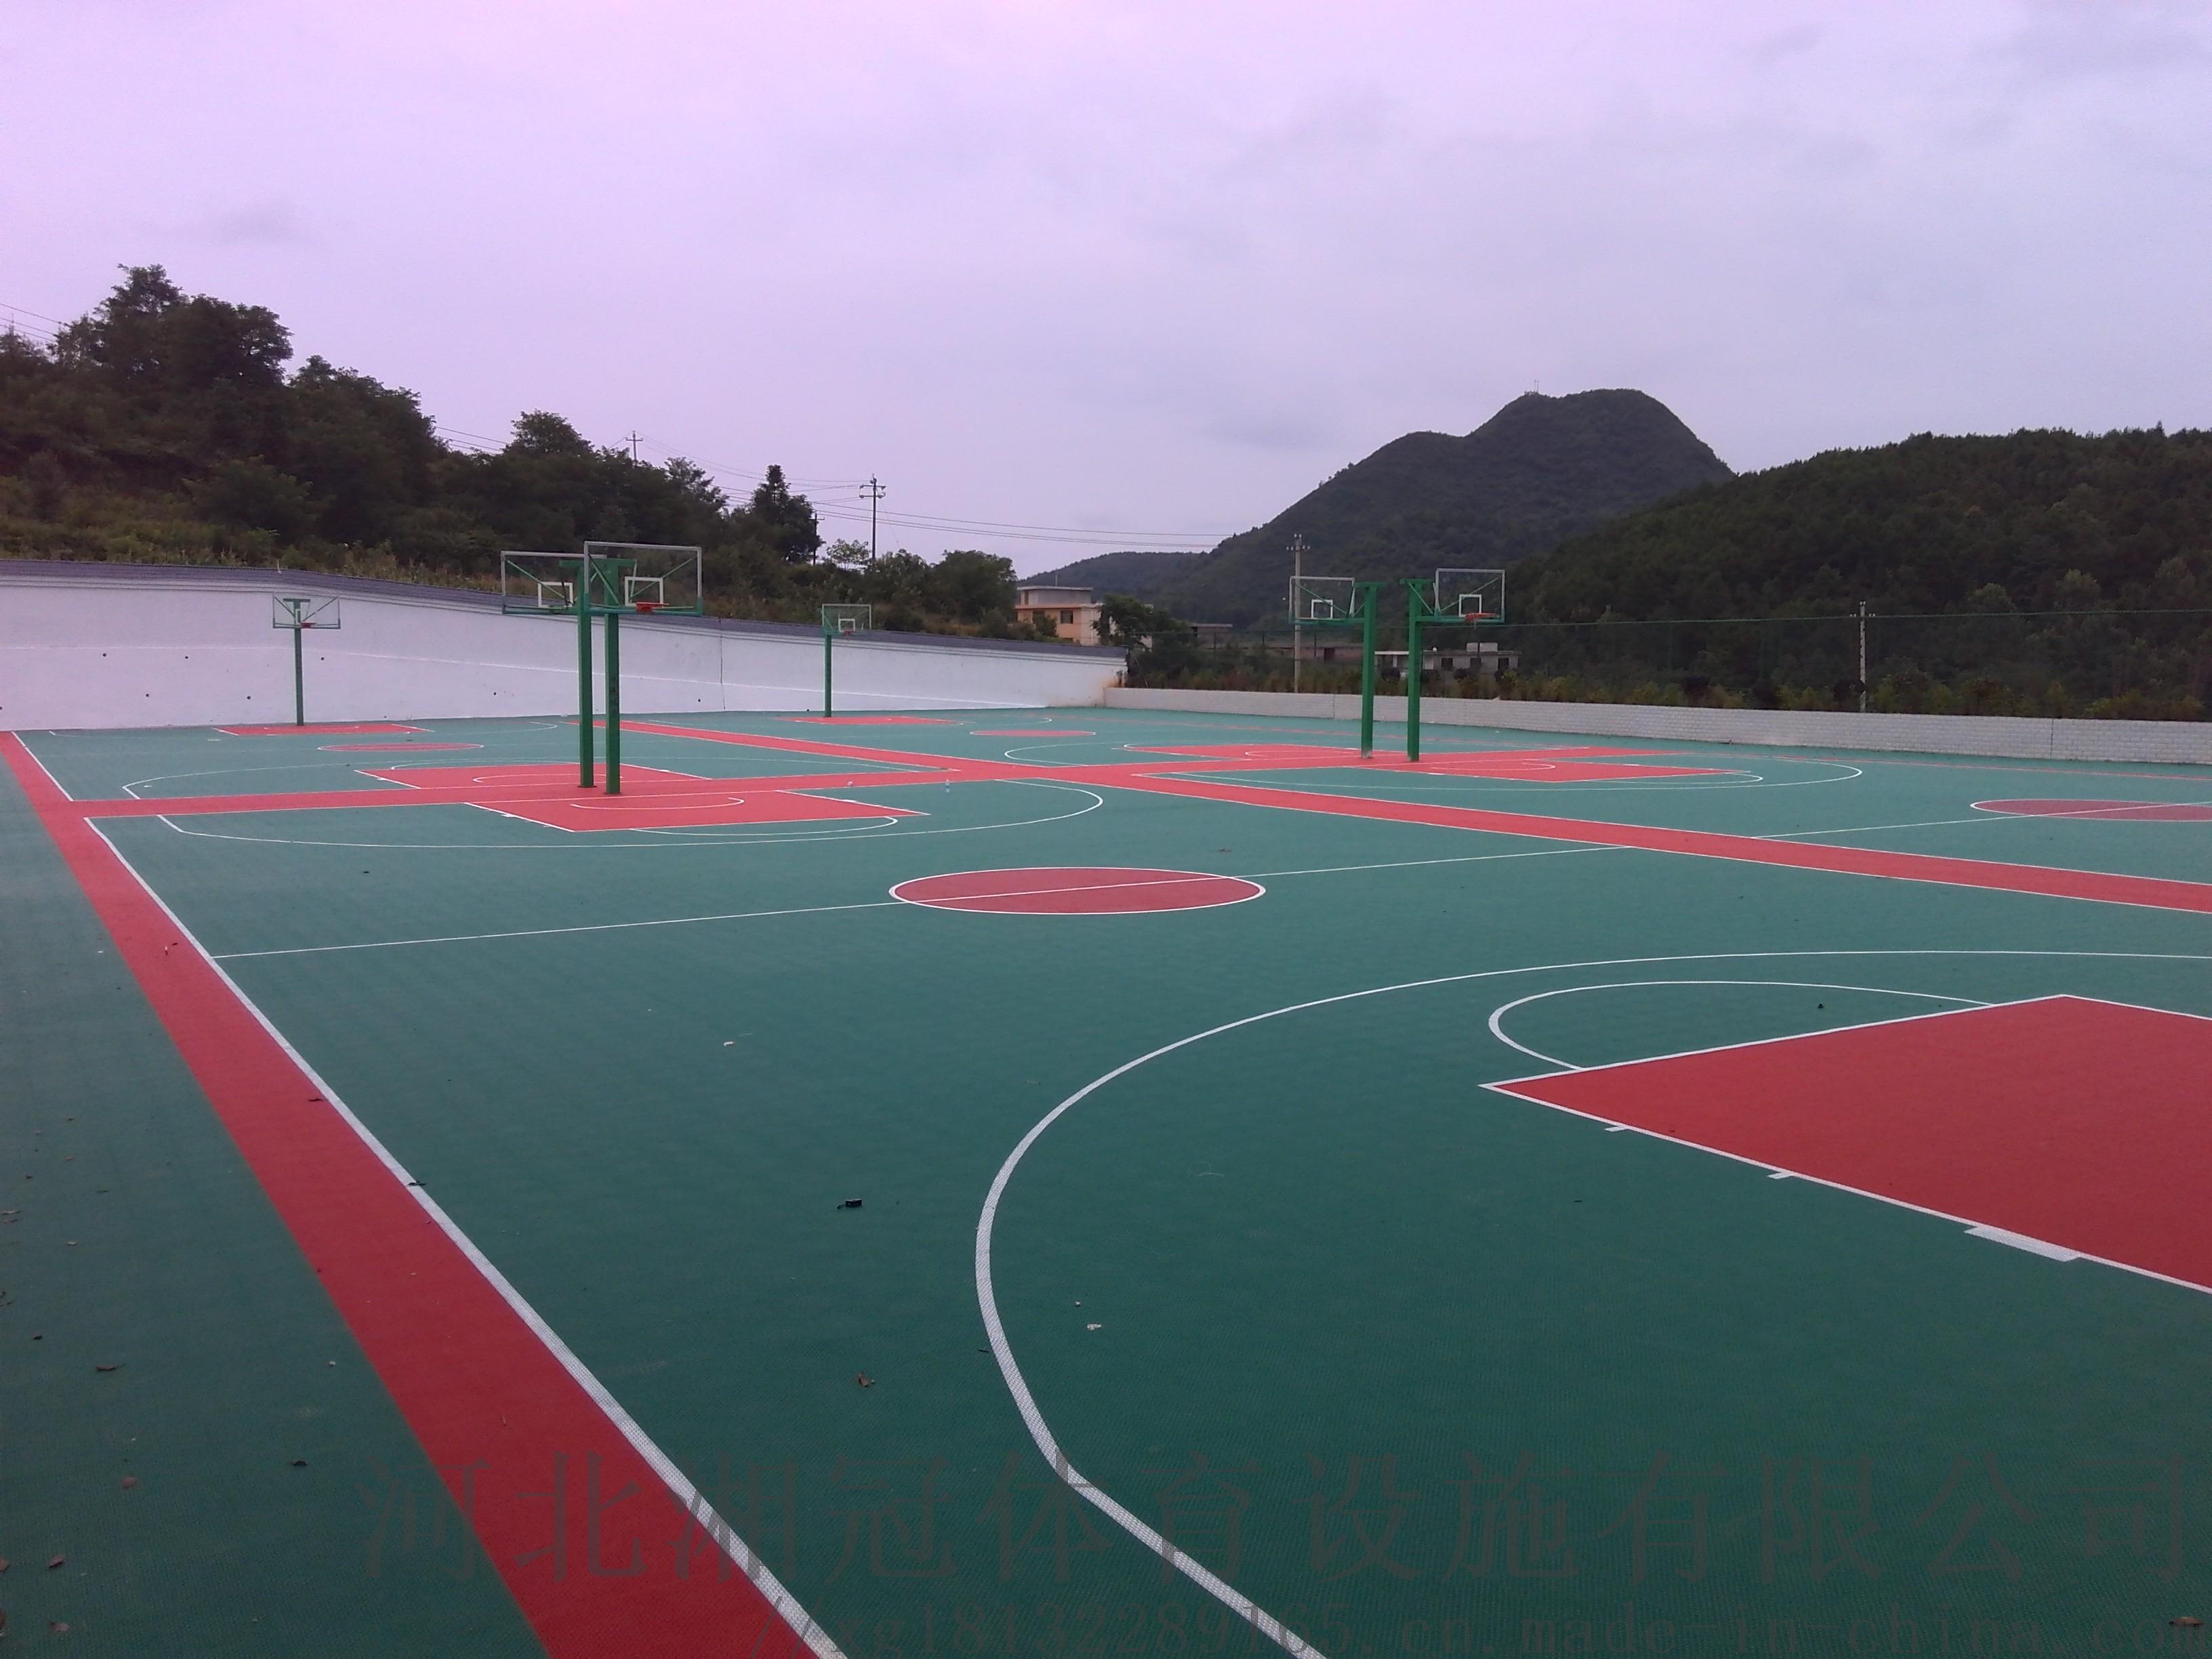 臨滄市籃球場拼裝地板雲南懸浮地板廠家786911685